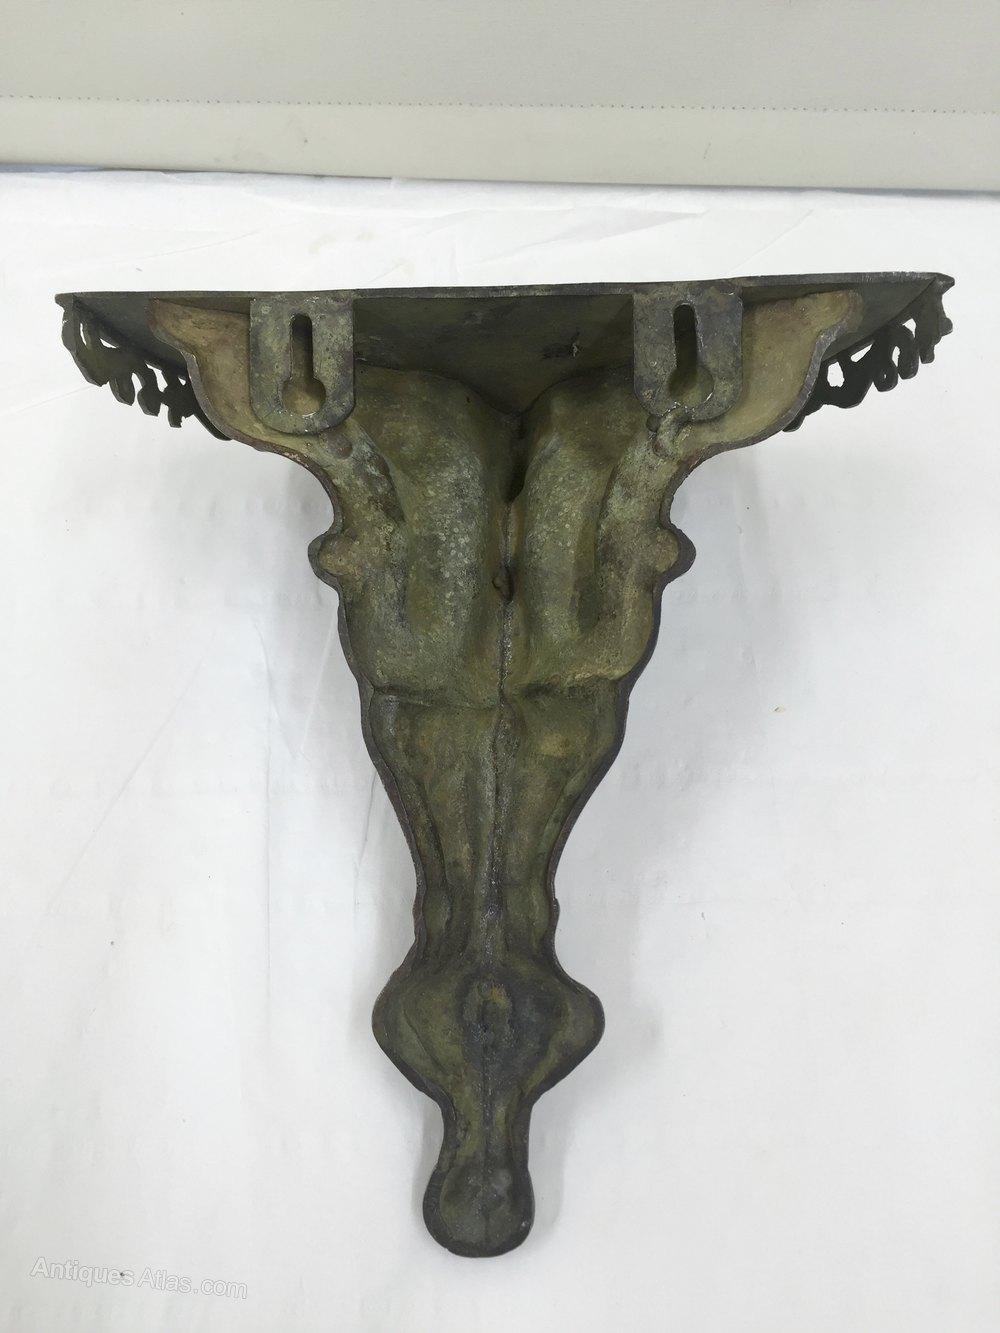 Decorative Wall Shelves Metal : Antiques atlas antique decorative metal wall bracket shelf